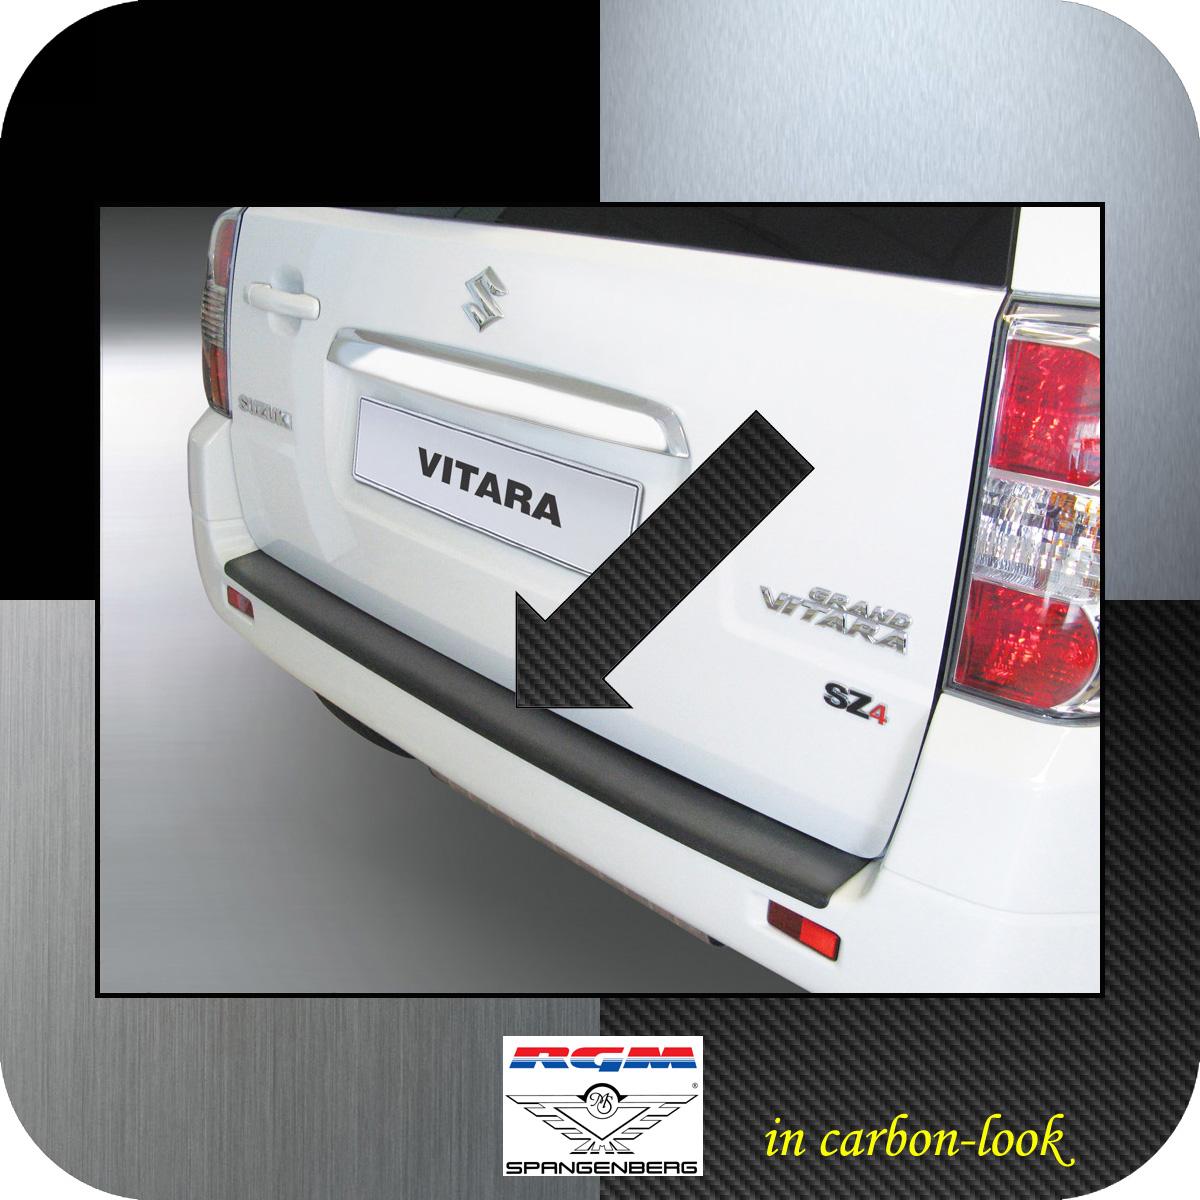 Ladekantenschutz Carbon-Look Suzuki Grand Vitara II ohne Radhalter 05-15 3509505